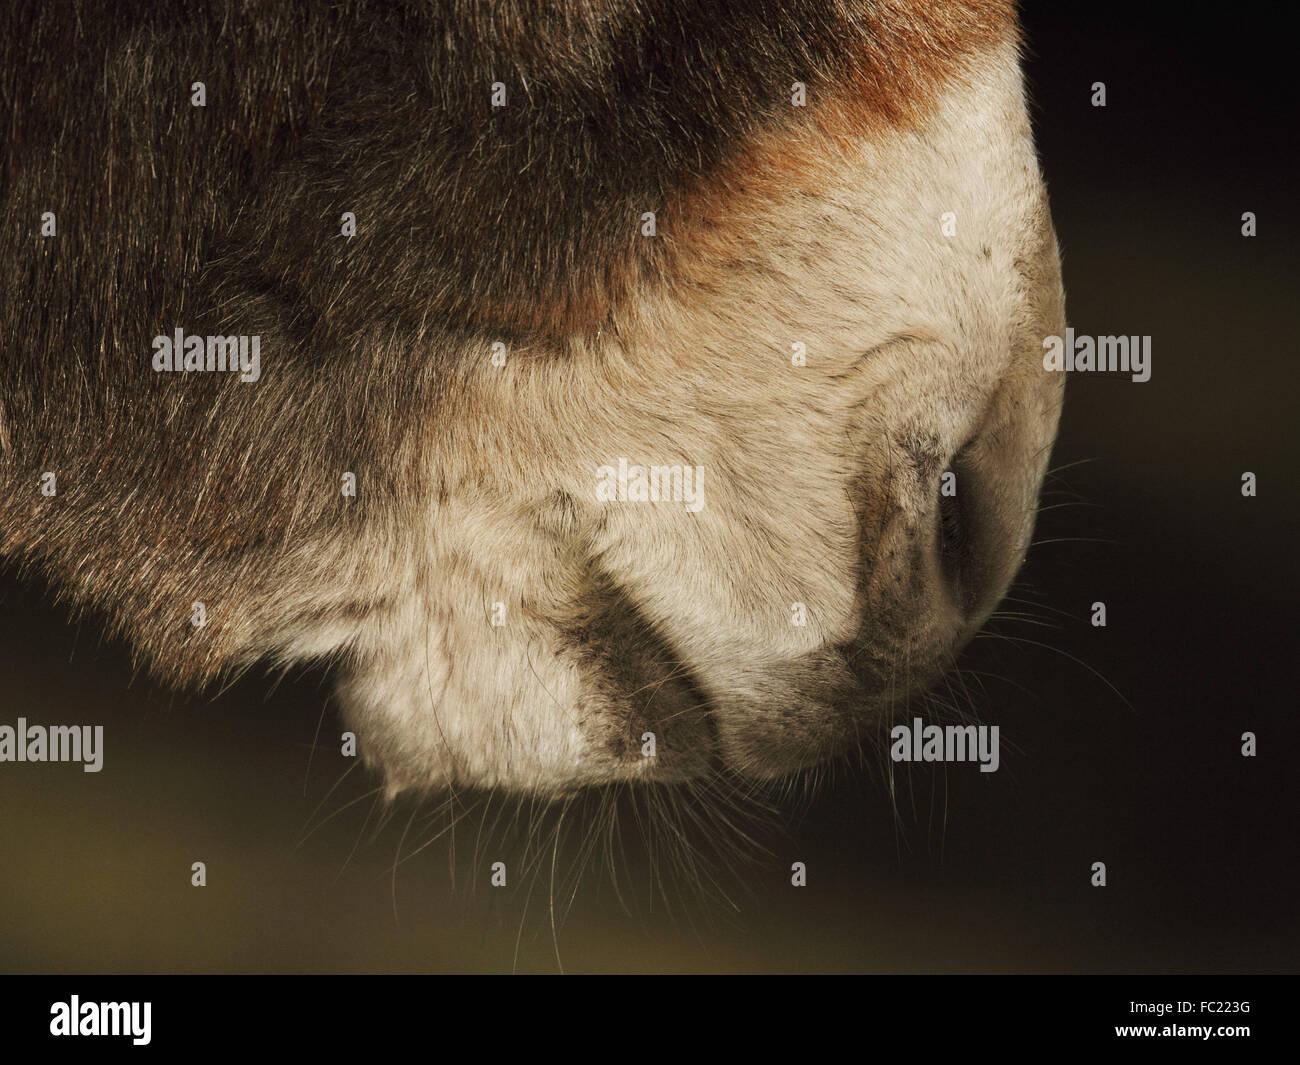 Donkey, Donkey's nose Stock Photo